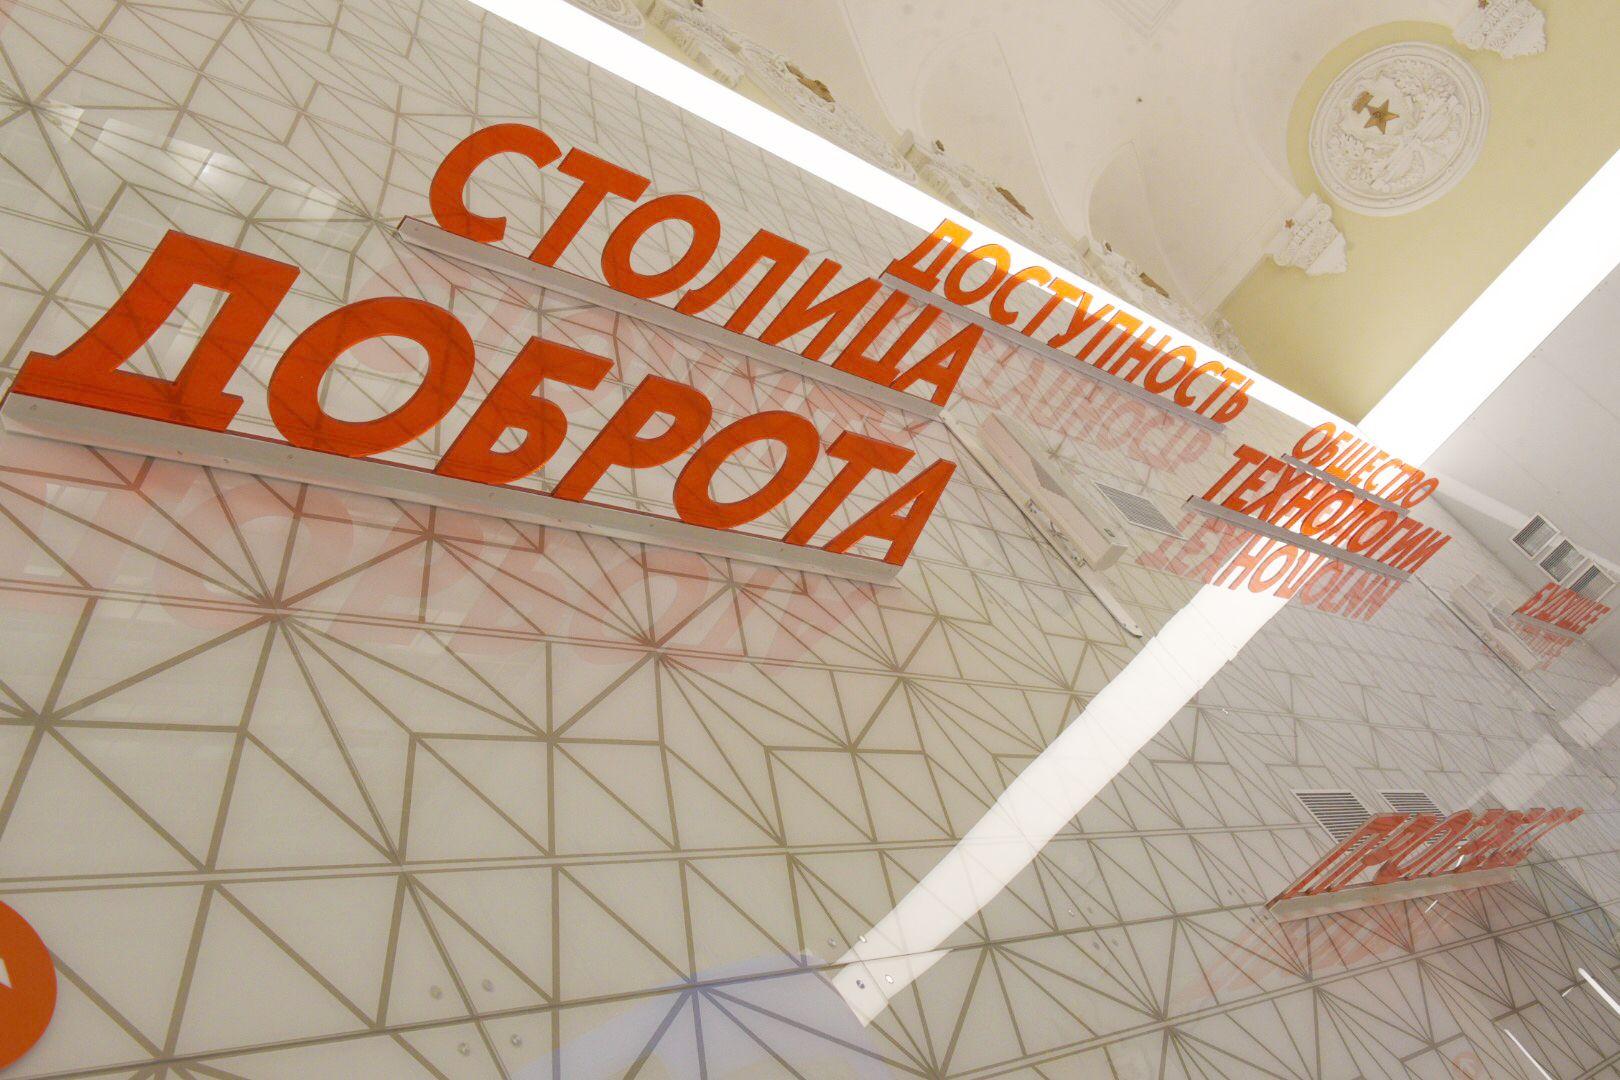 Юристы Москвы проведут бесплатные консультации к Всемирному дню ребенка